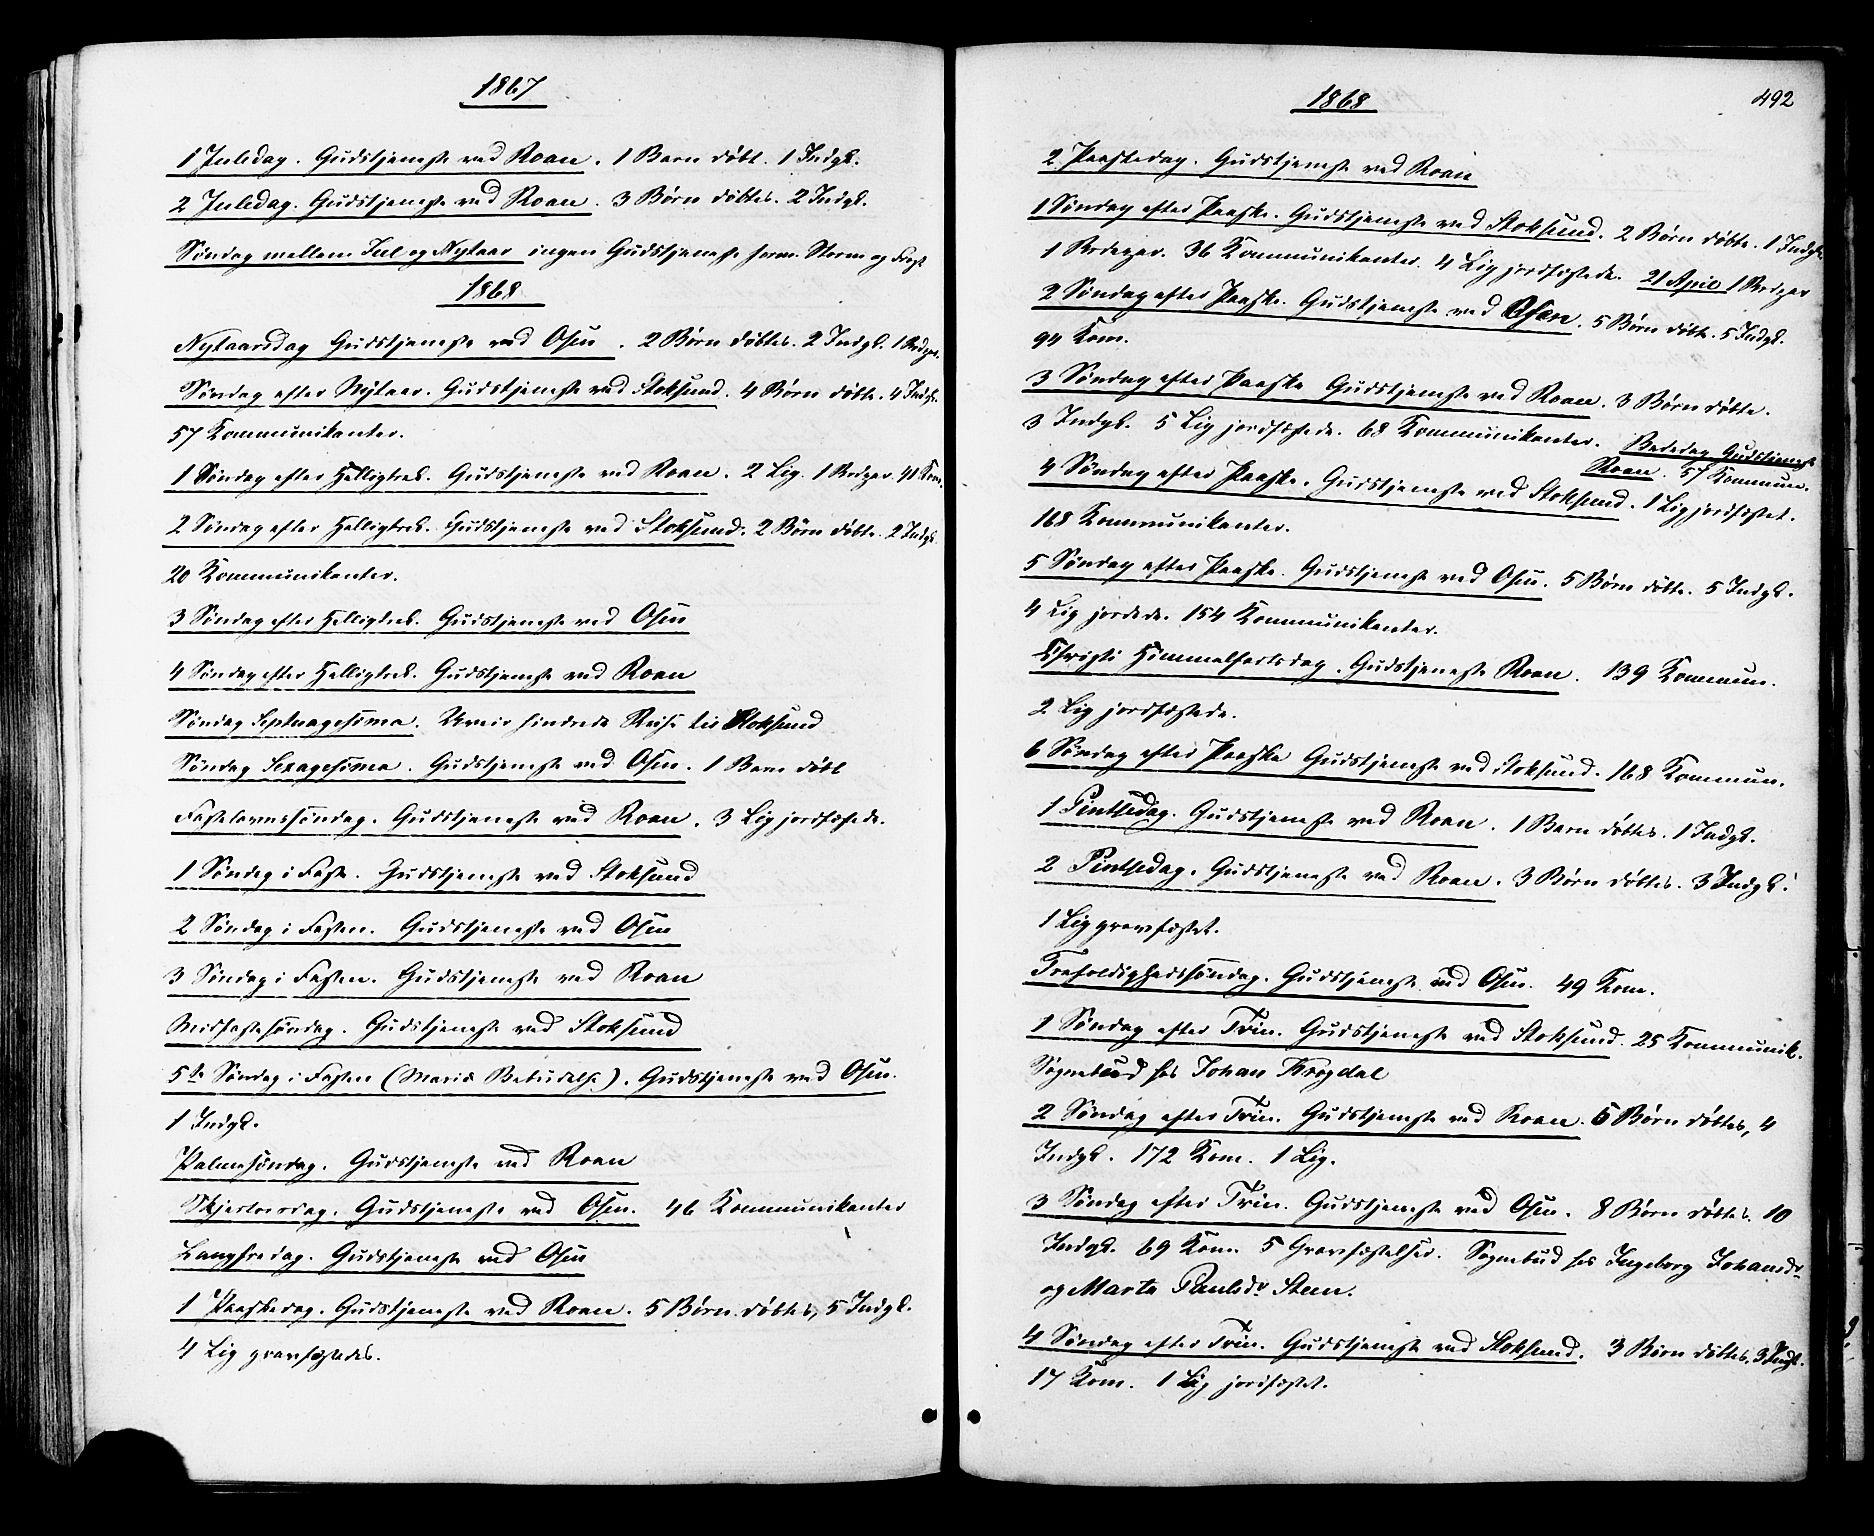 SAT, Ministerialprotokoller, klokkerbøker og fødselsregistre - Sør-Trøndelag, 657/L0706: Ministerialbok nr. 657A07, 1867-1878, s. 492